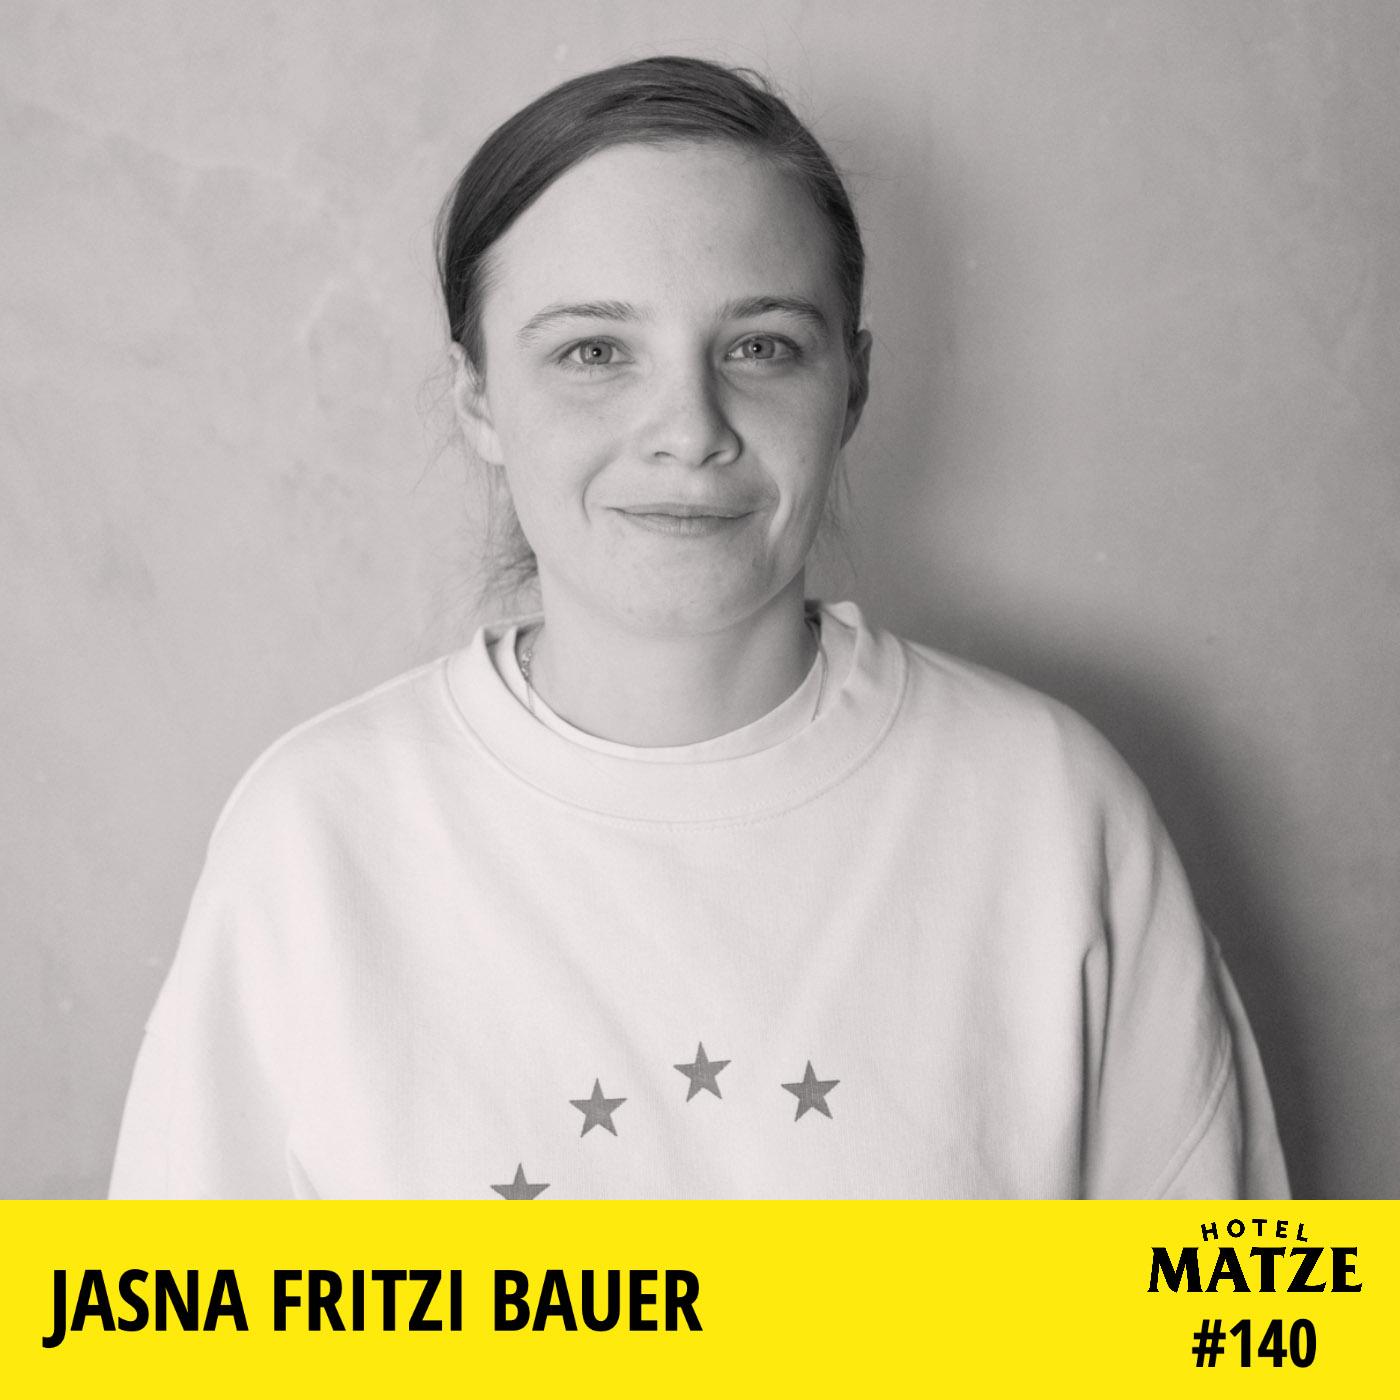 Jasna Fritzi Bauer – Wer bist du?